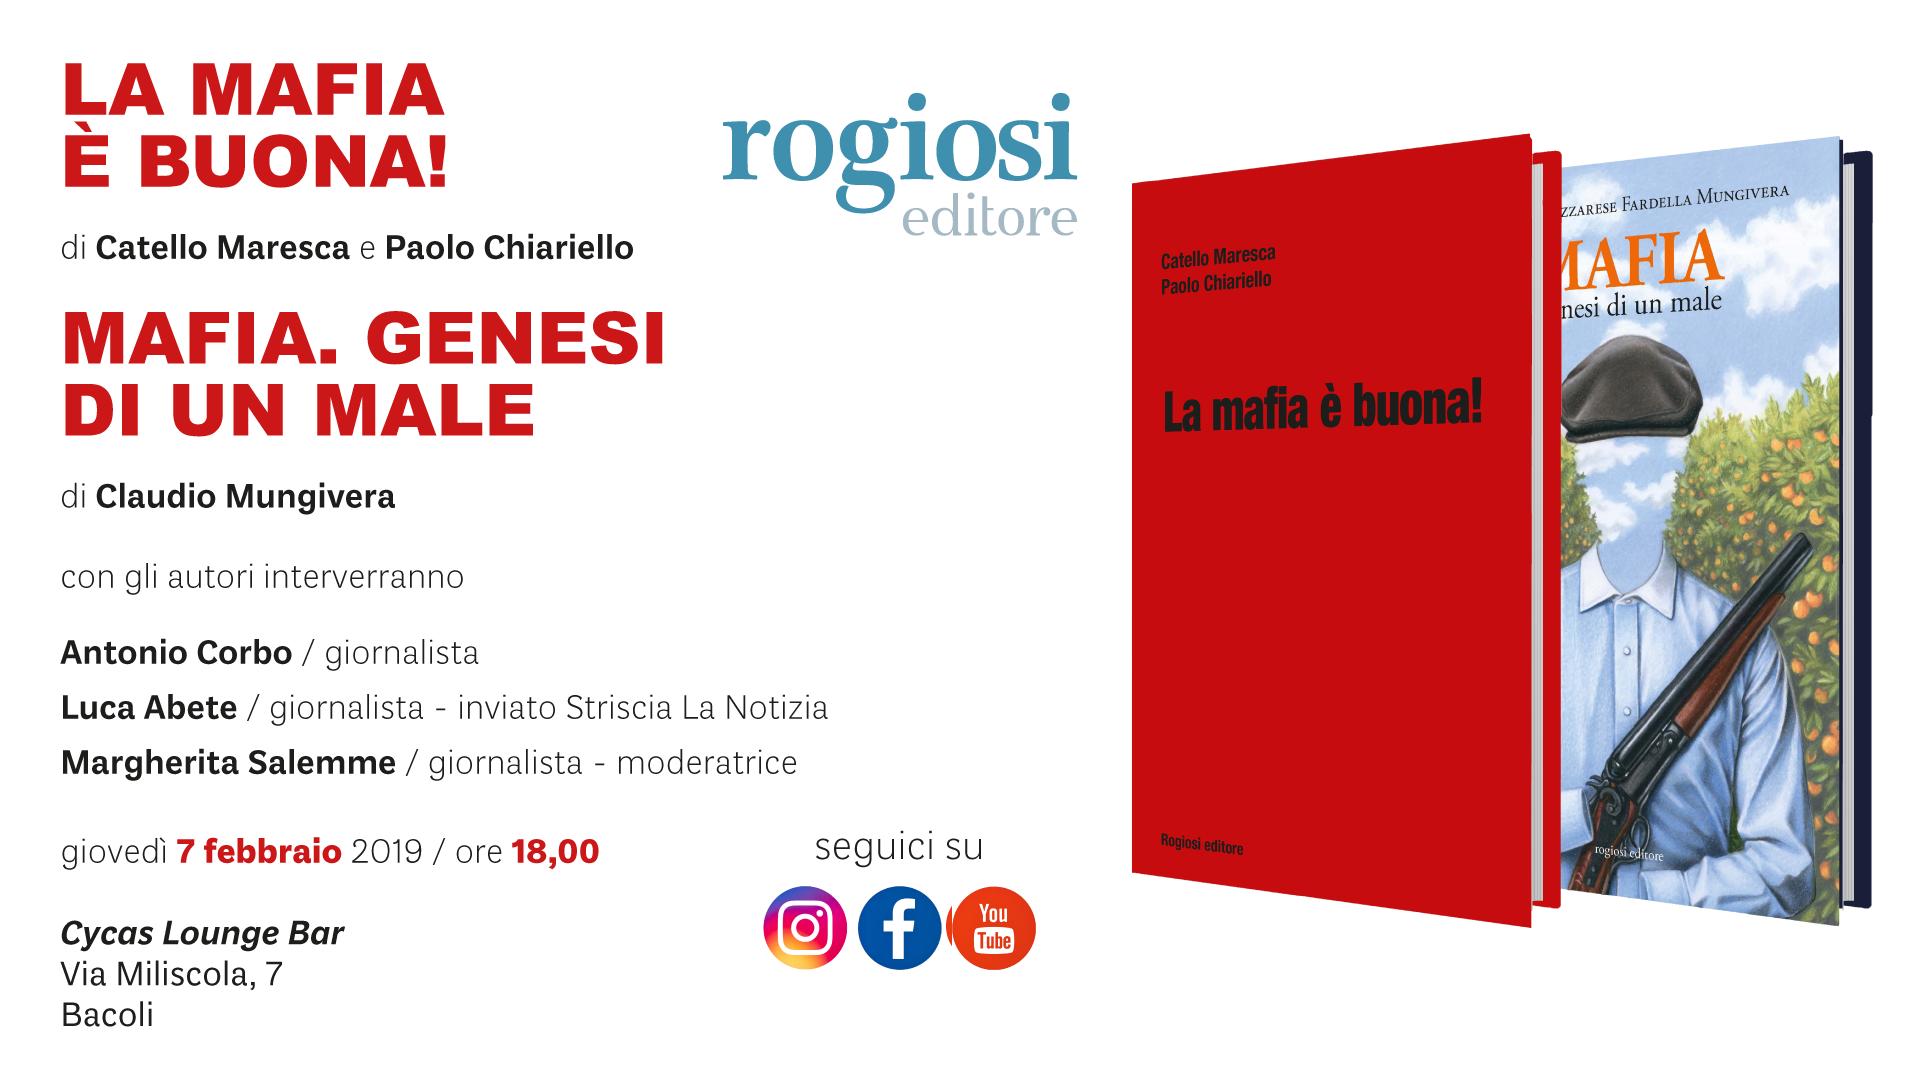 La Mafia è Buona & Mafia: Genesi di un Male – Presentazione Libri